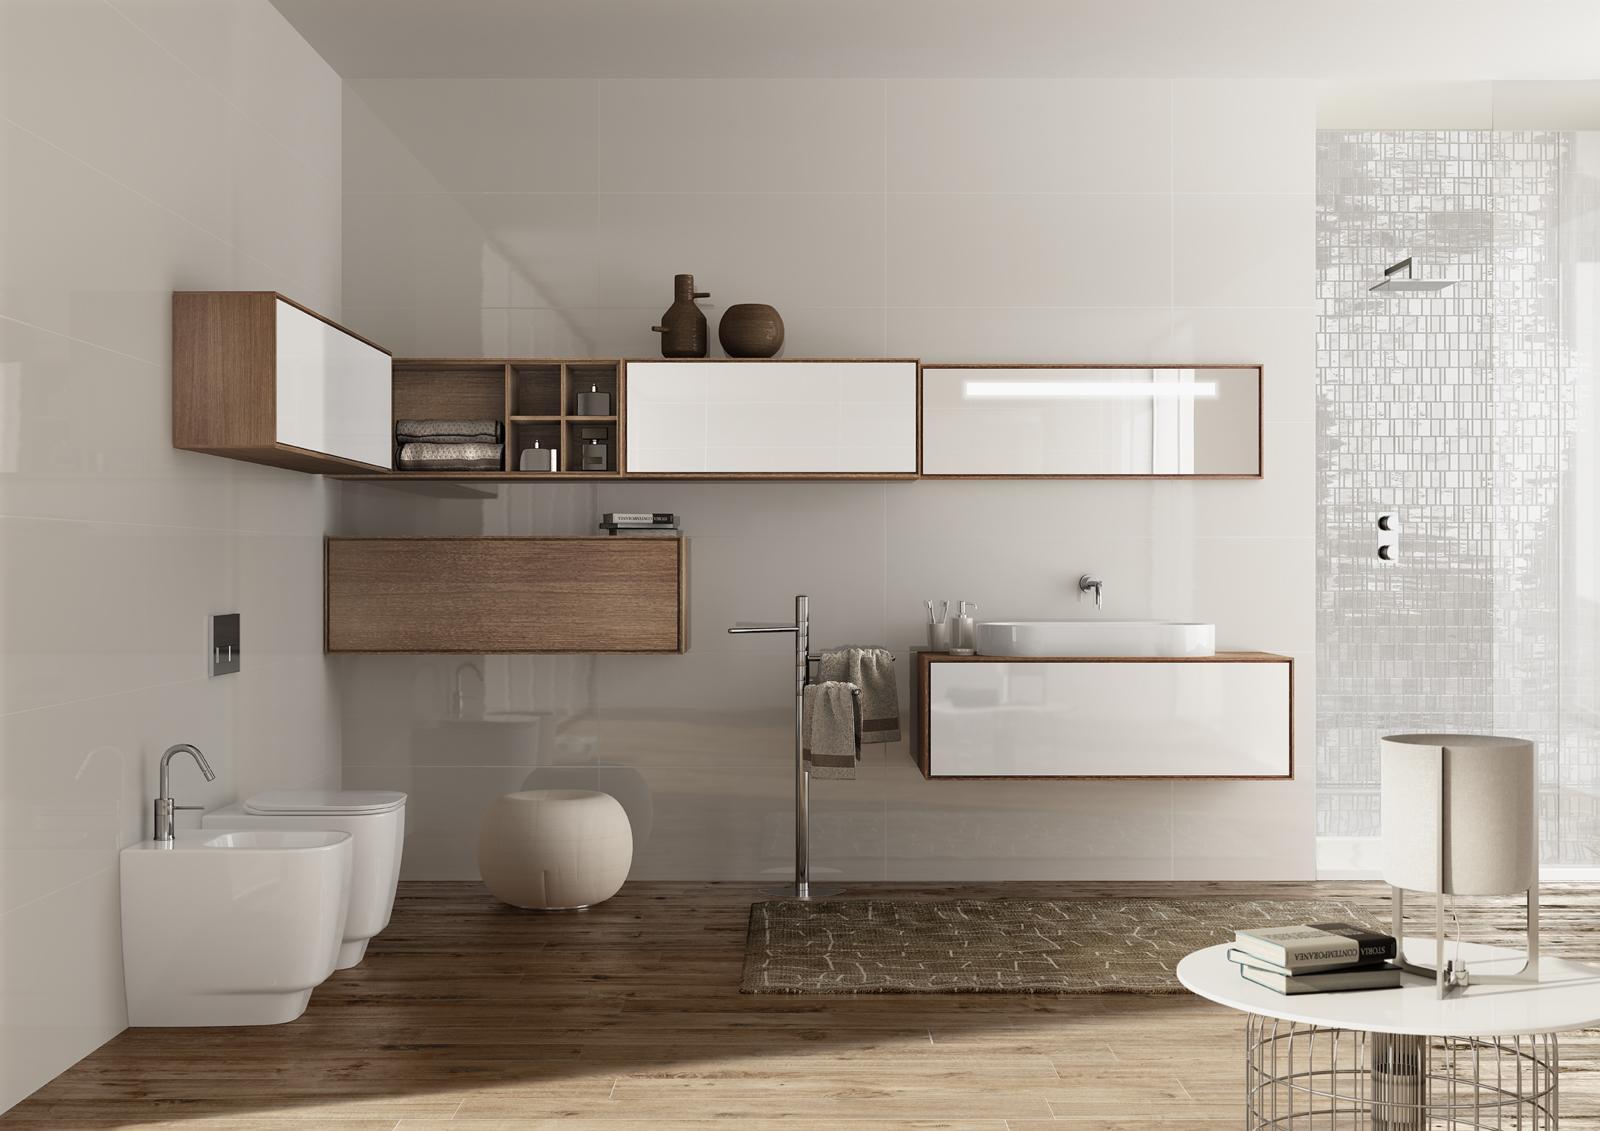 Dizajnové vybavenie kúpeľne - Kúpeľňový nábytok SLIDING WOOD